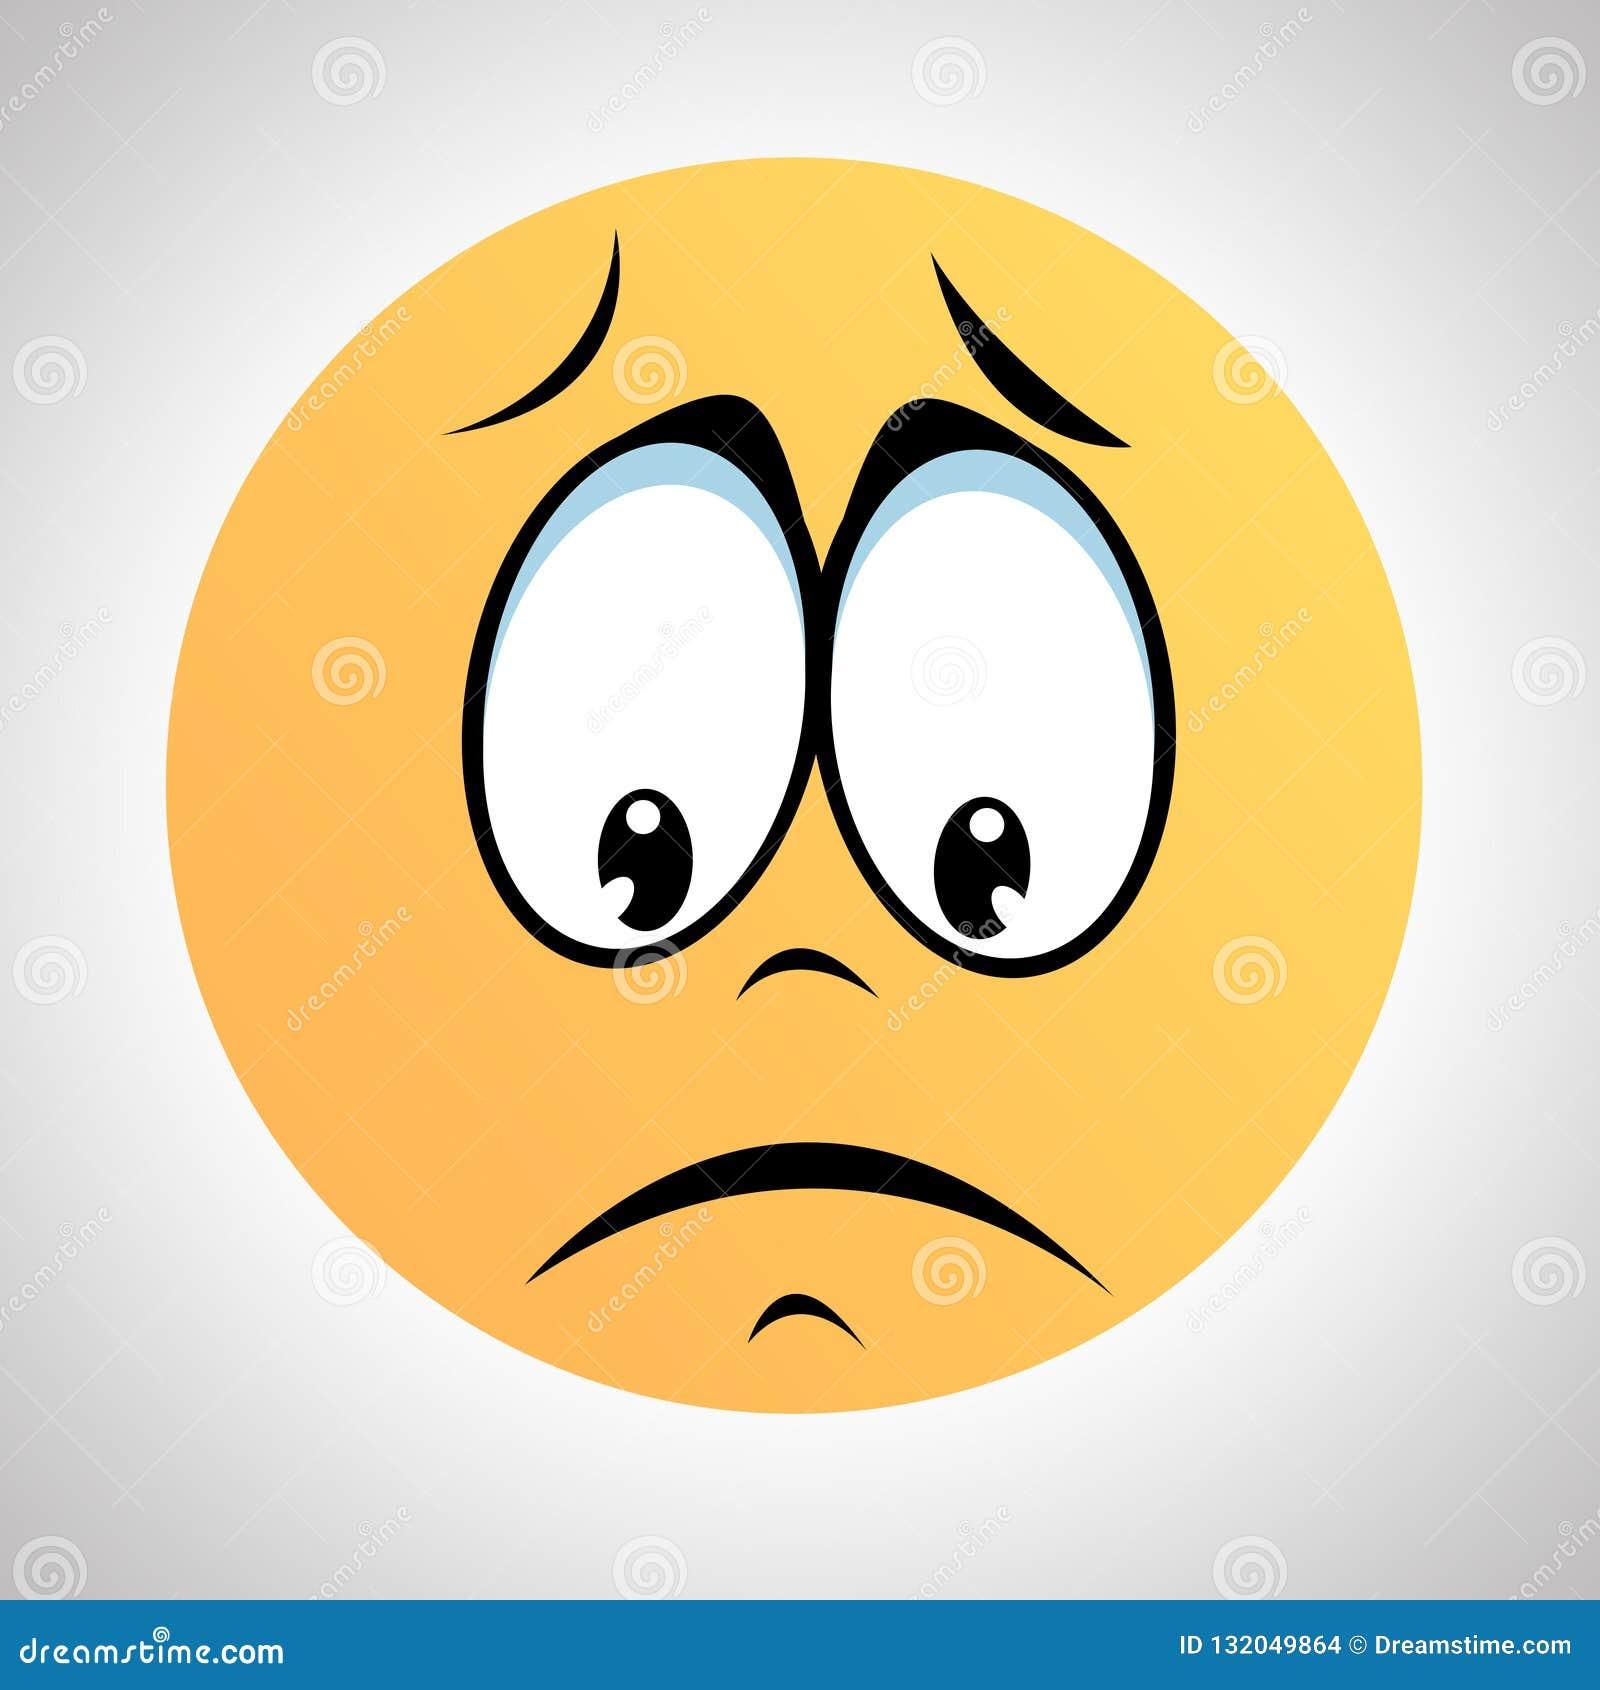 A Smiley type sad face